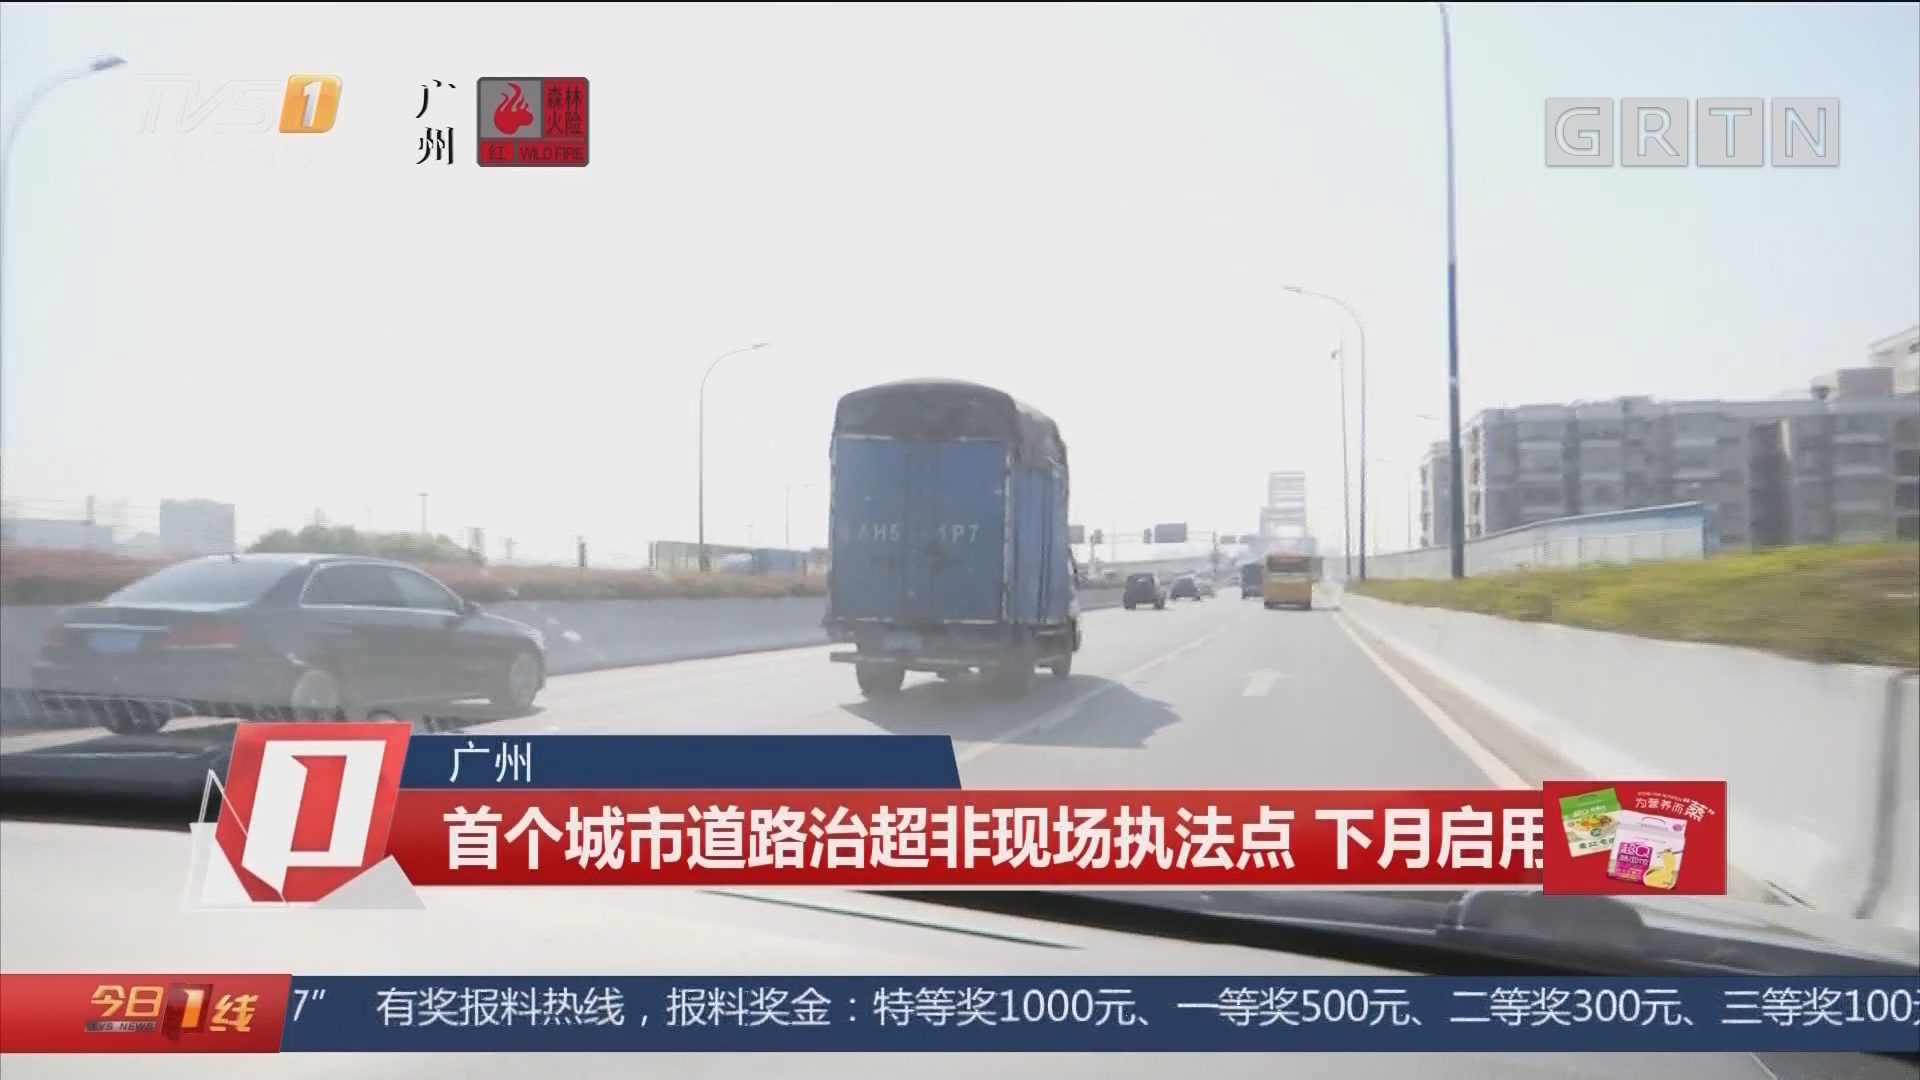 广州:首个城市道路治超非现场执法点 下月启用